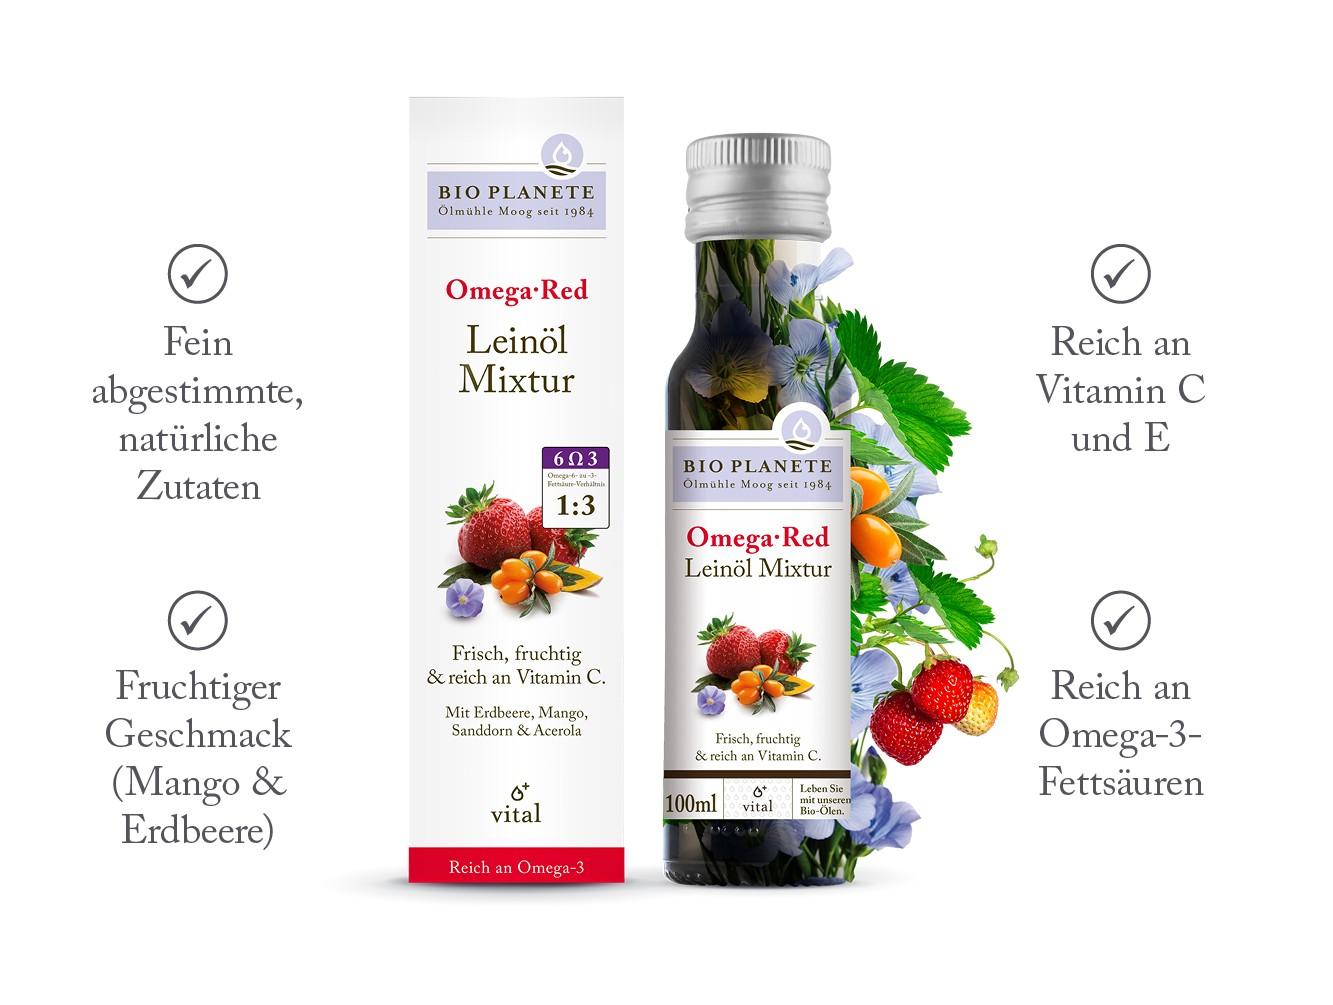 Produktbild der Leinöl-Mixtur Omega Red von BIO PLANÈTE